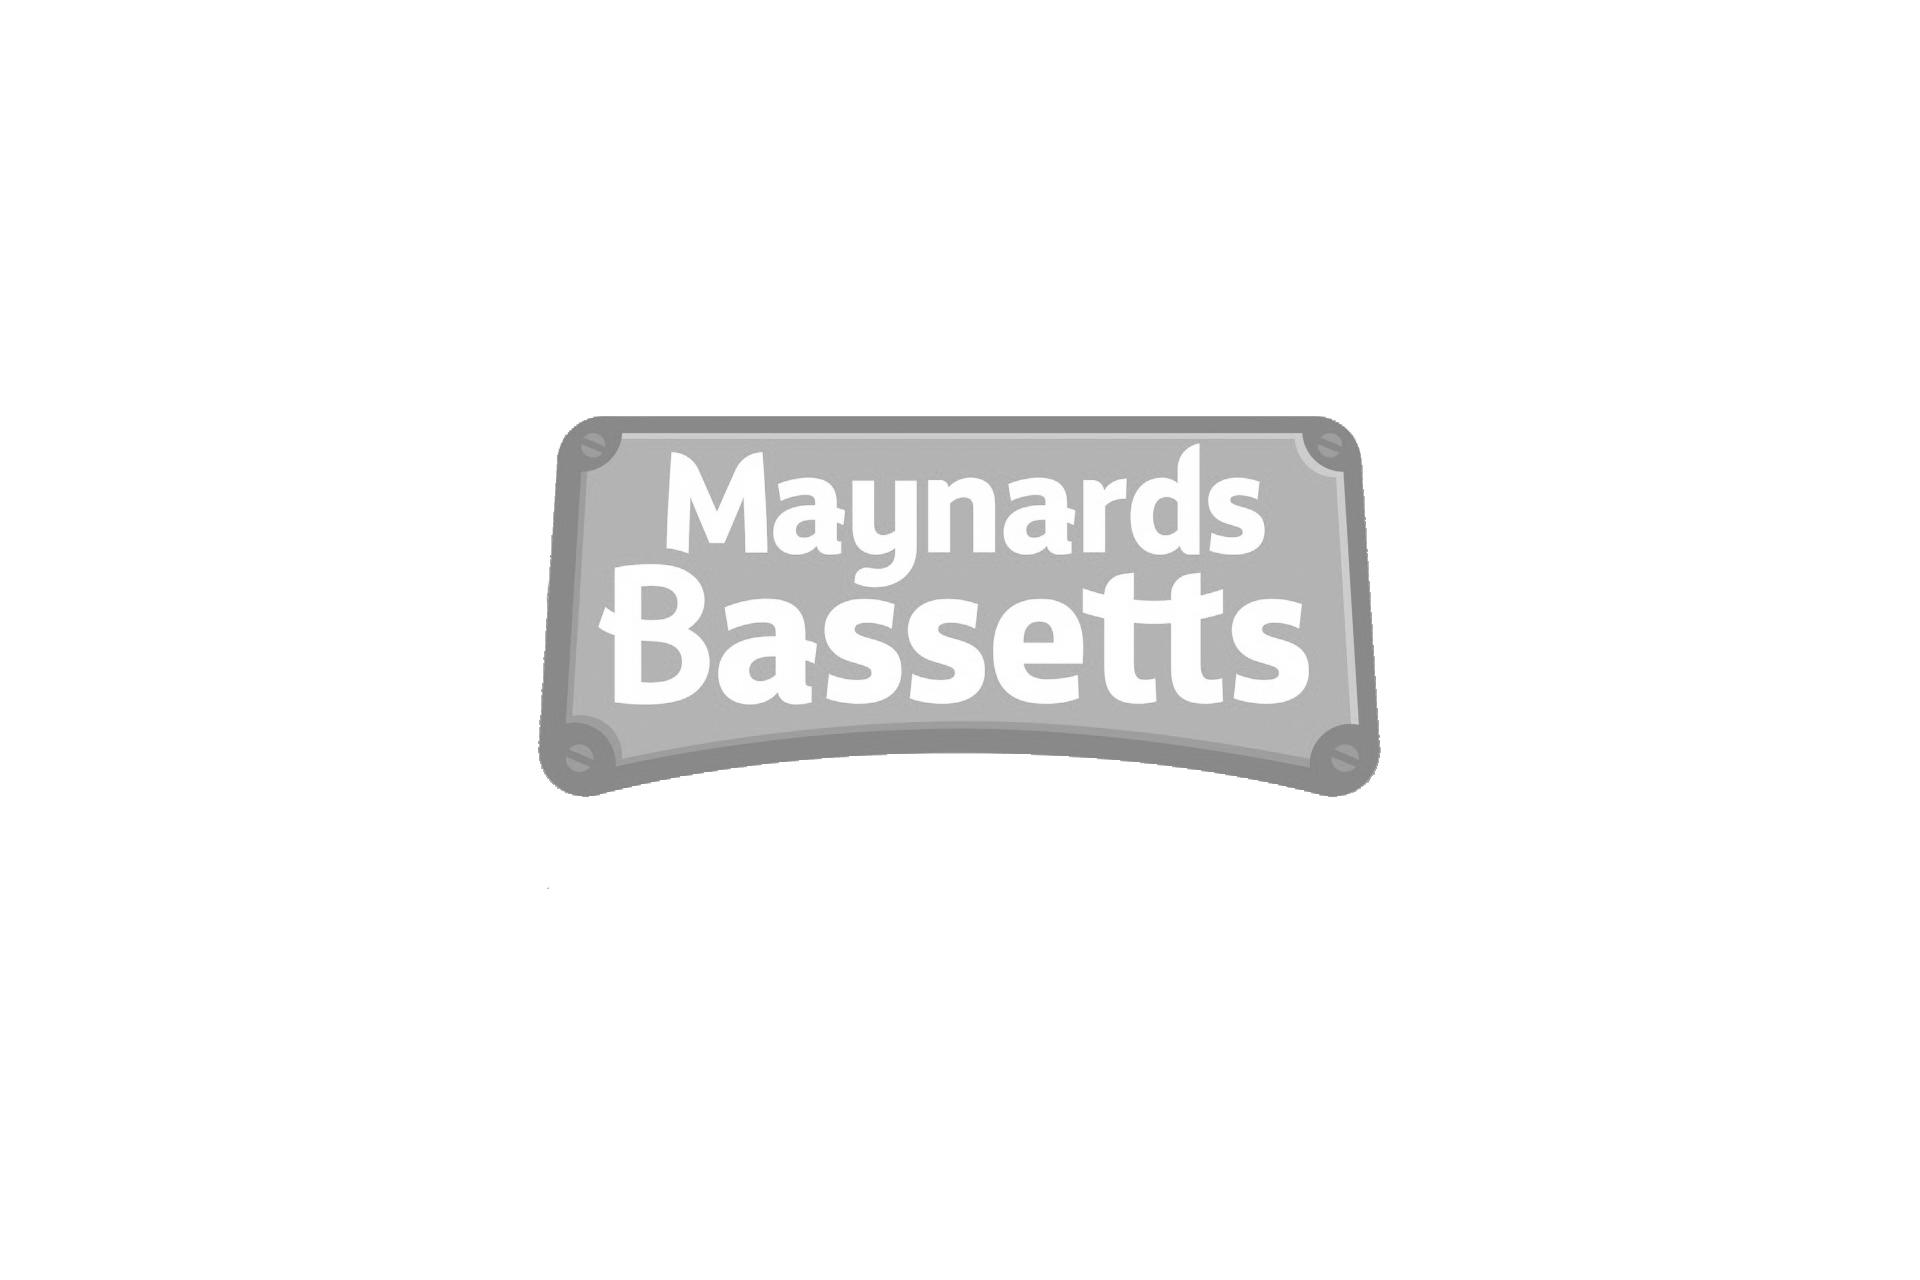 maynards bassetts grey